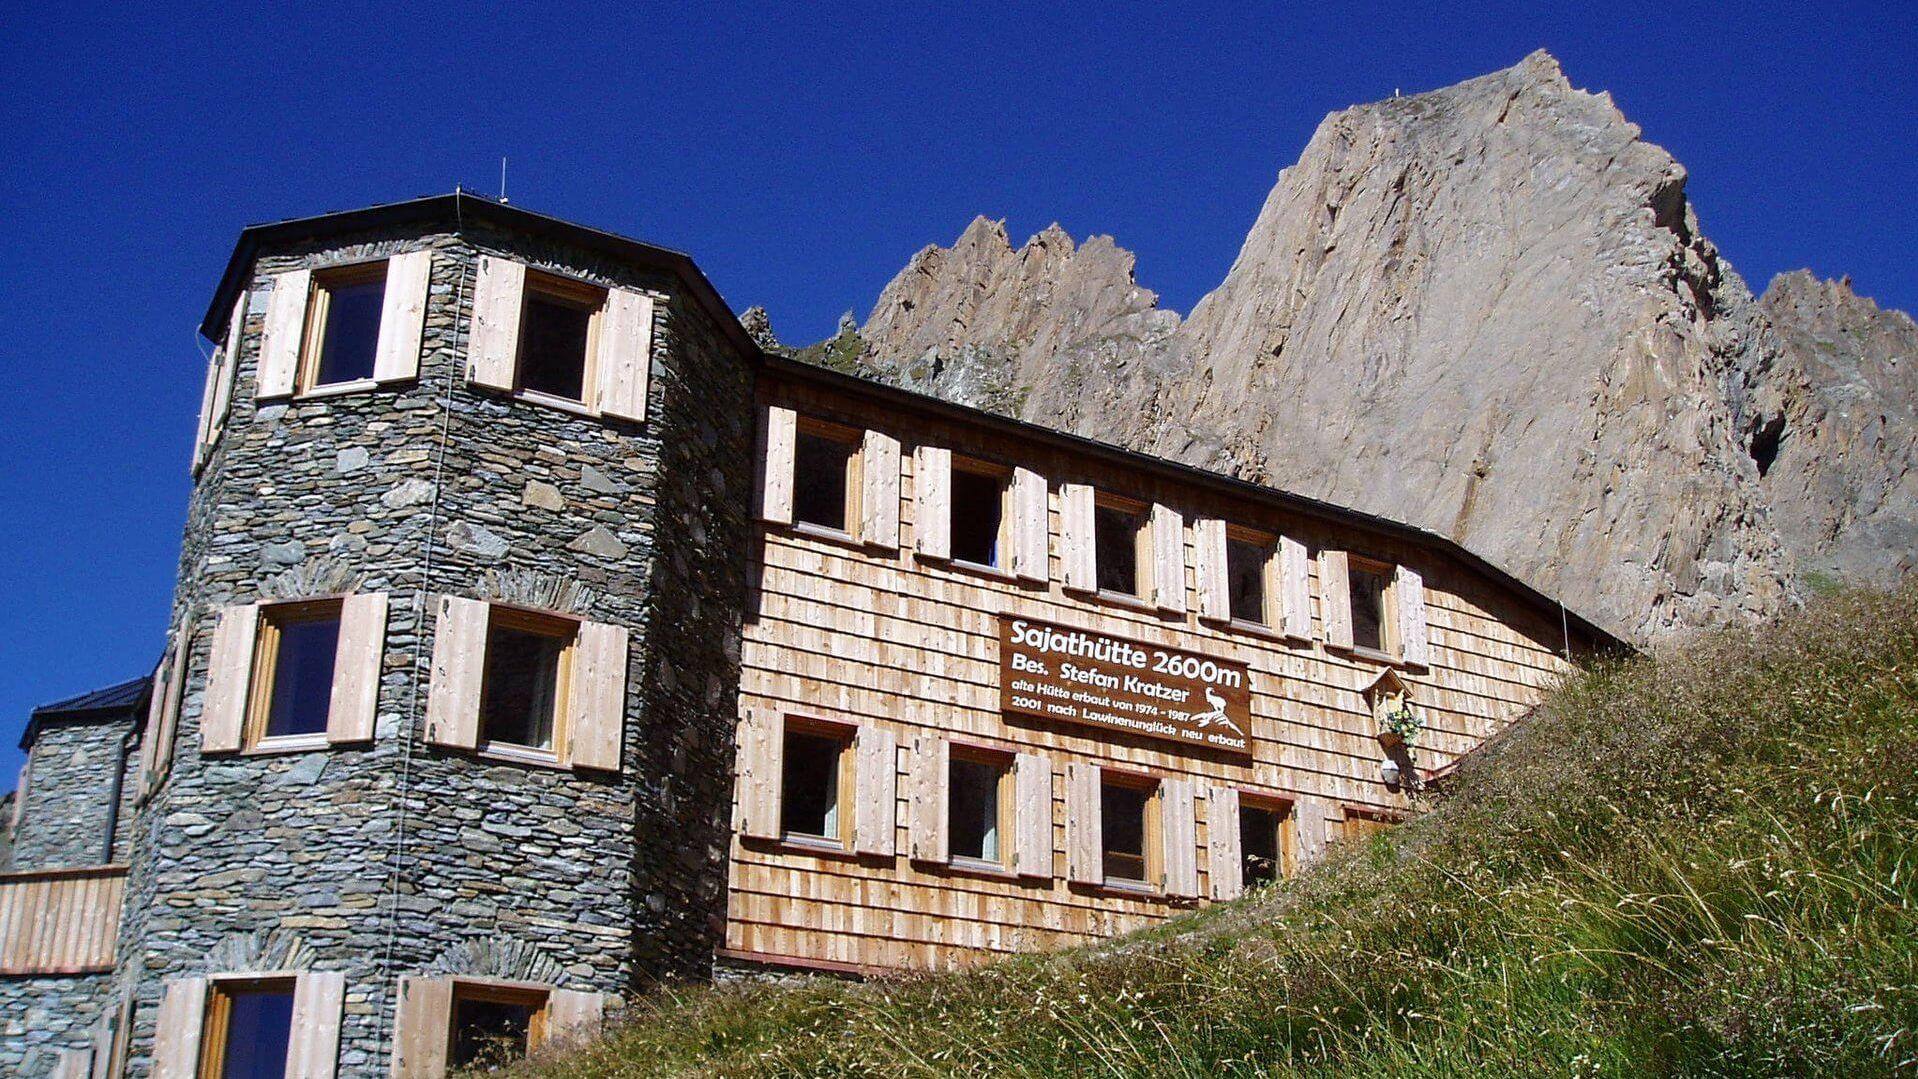 Neue Sajathütte (2.600m) | Hüttenflair mit Komfort - bewirtschaftet - Indoorkletterturm